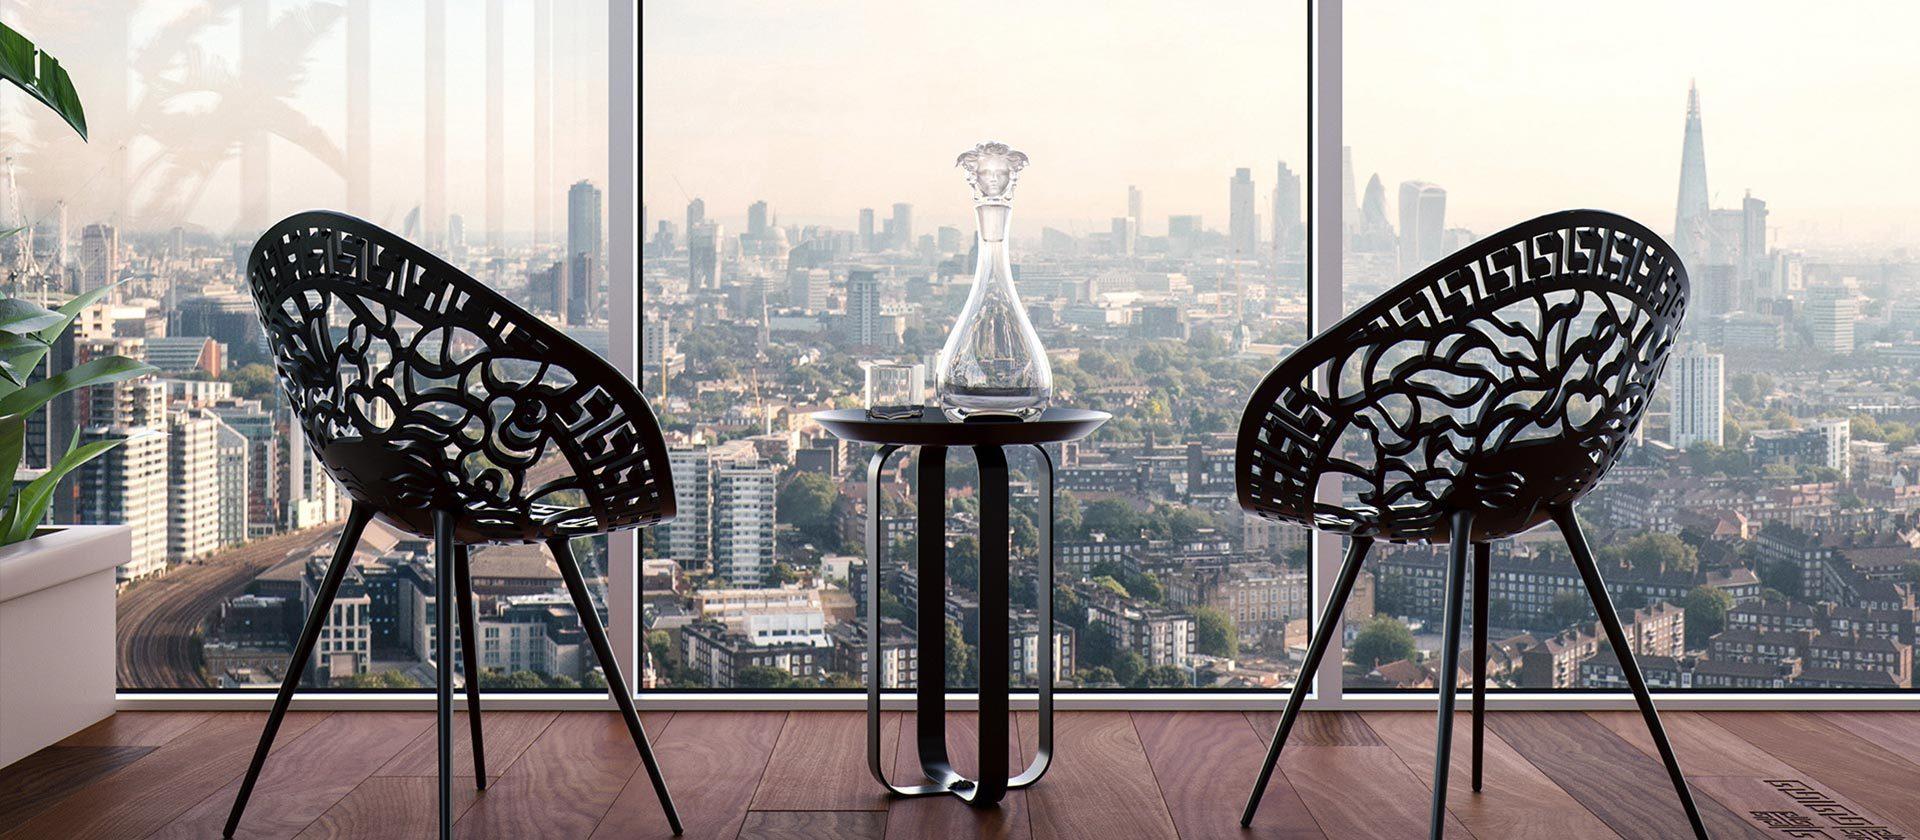 DAMAC Tower Nine Elms London